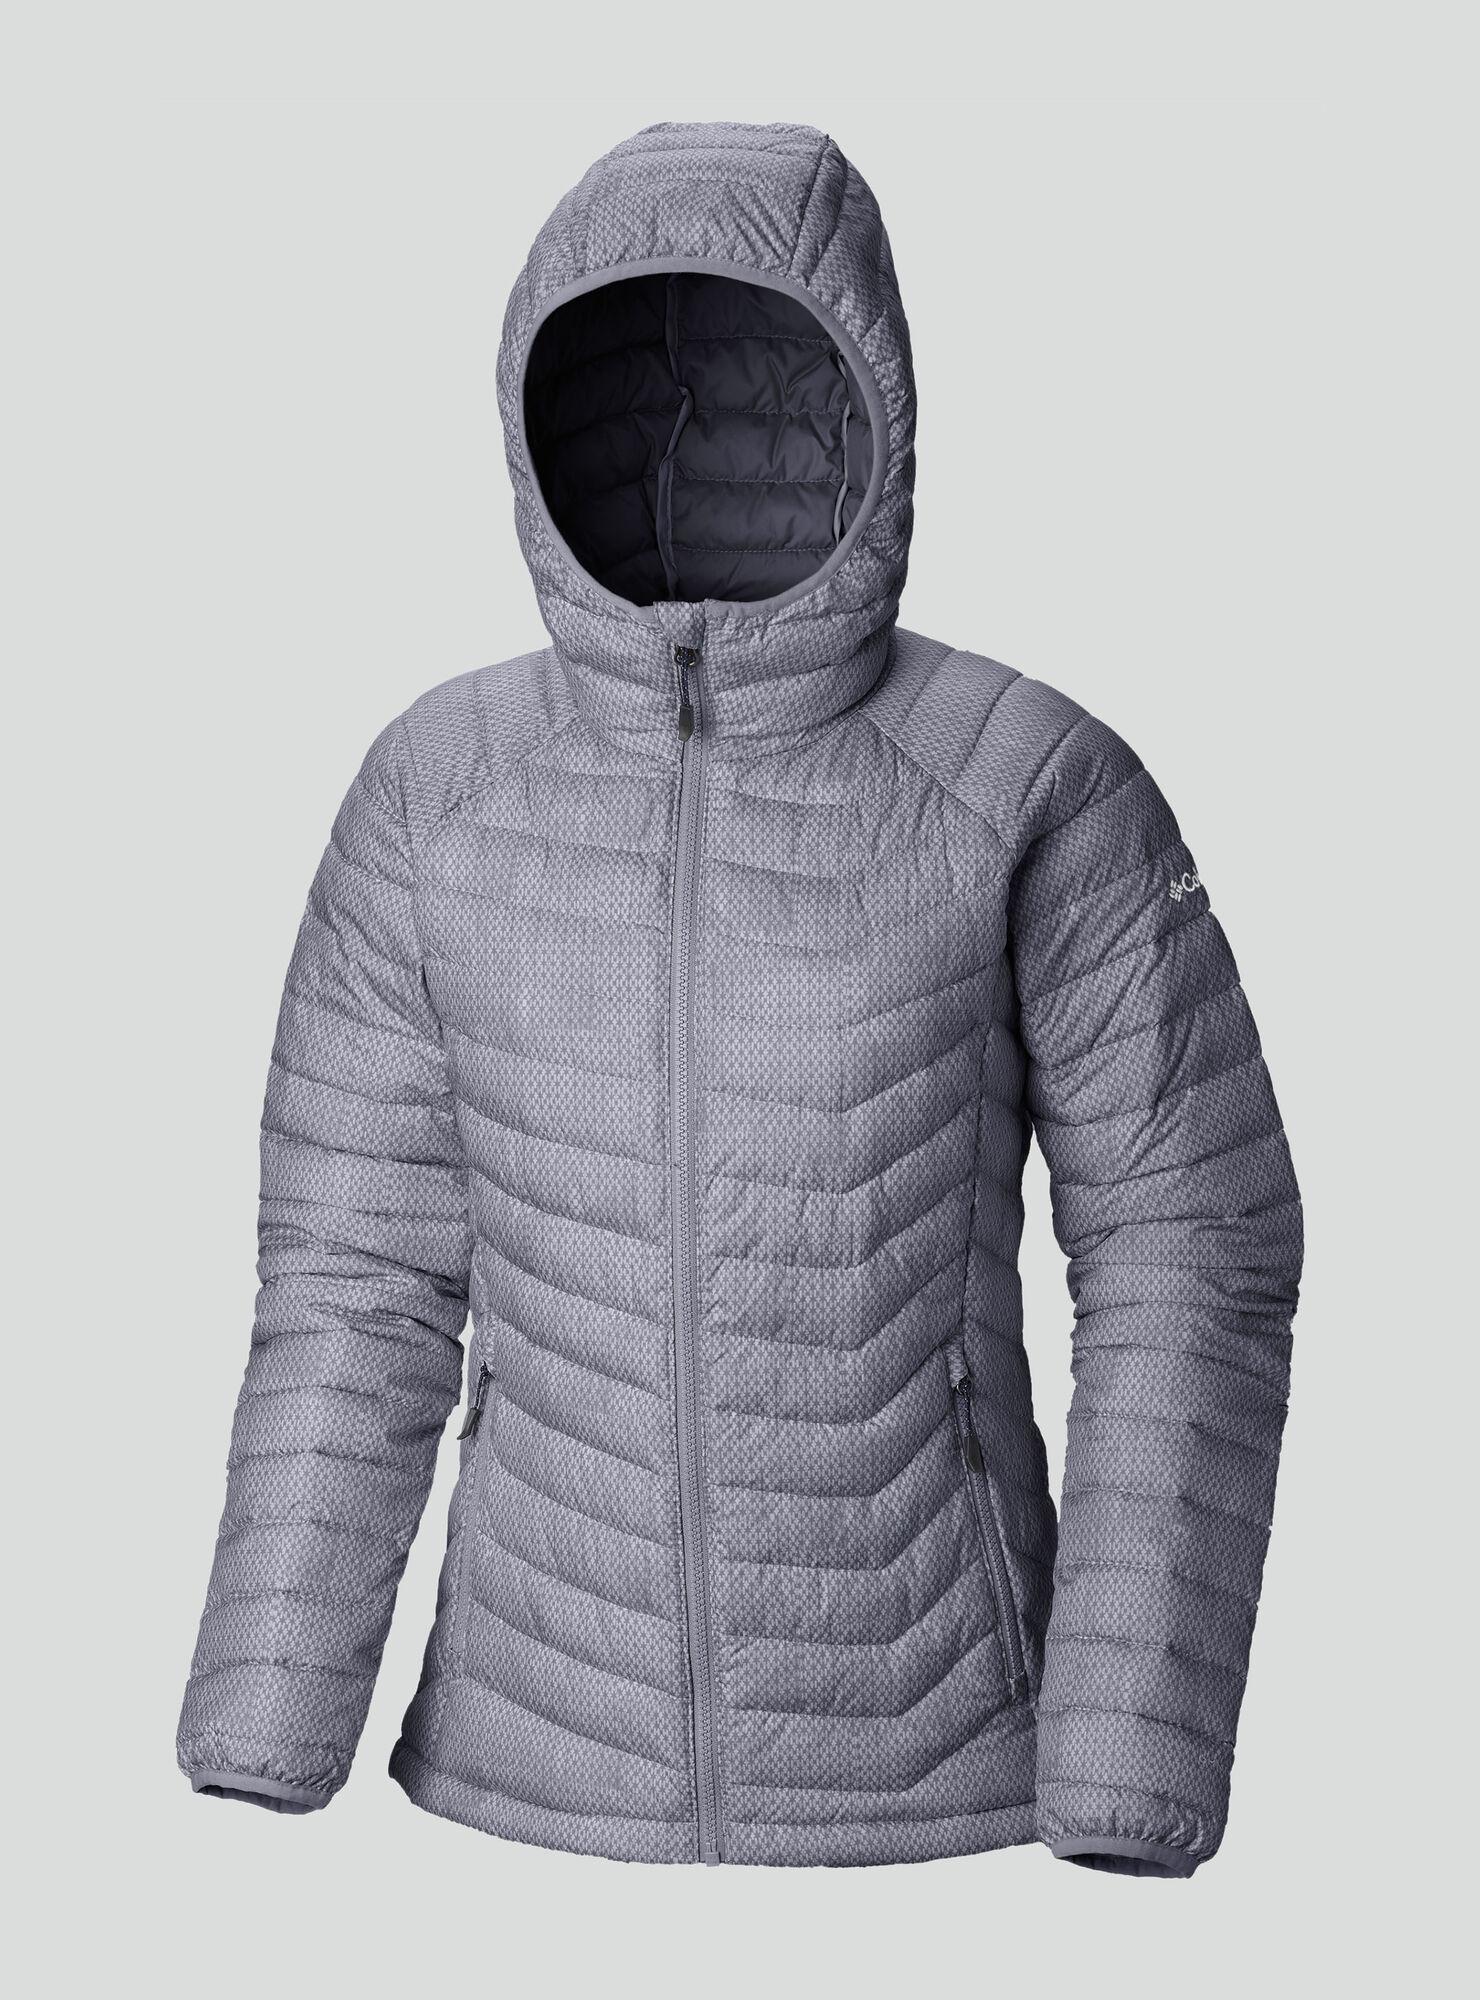 2018 Moda para mujer chaqueta de invierno chaquetas negro